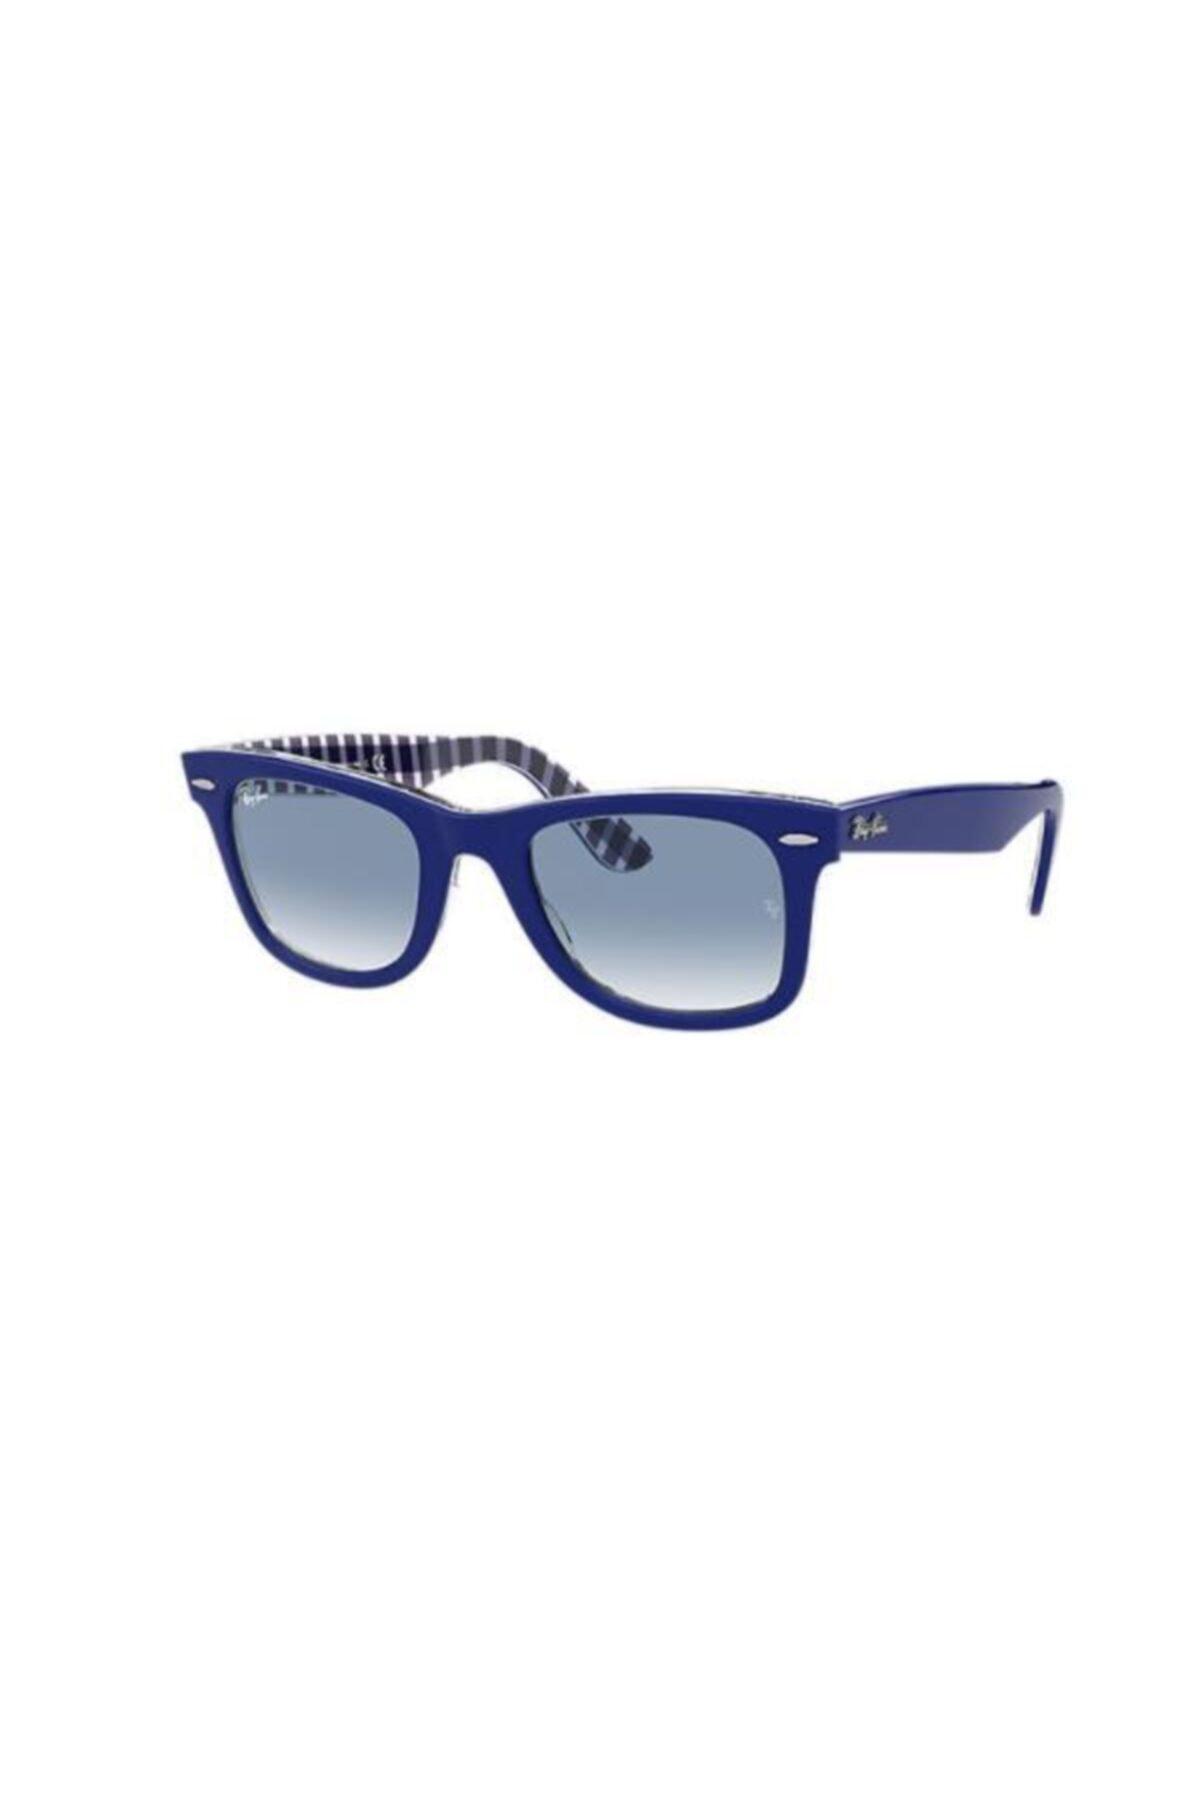 عینک آفتابی 2020 مردانه برند ری بن رنگ آبی کد ty56267160